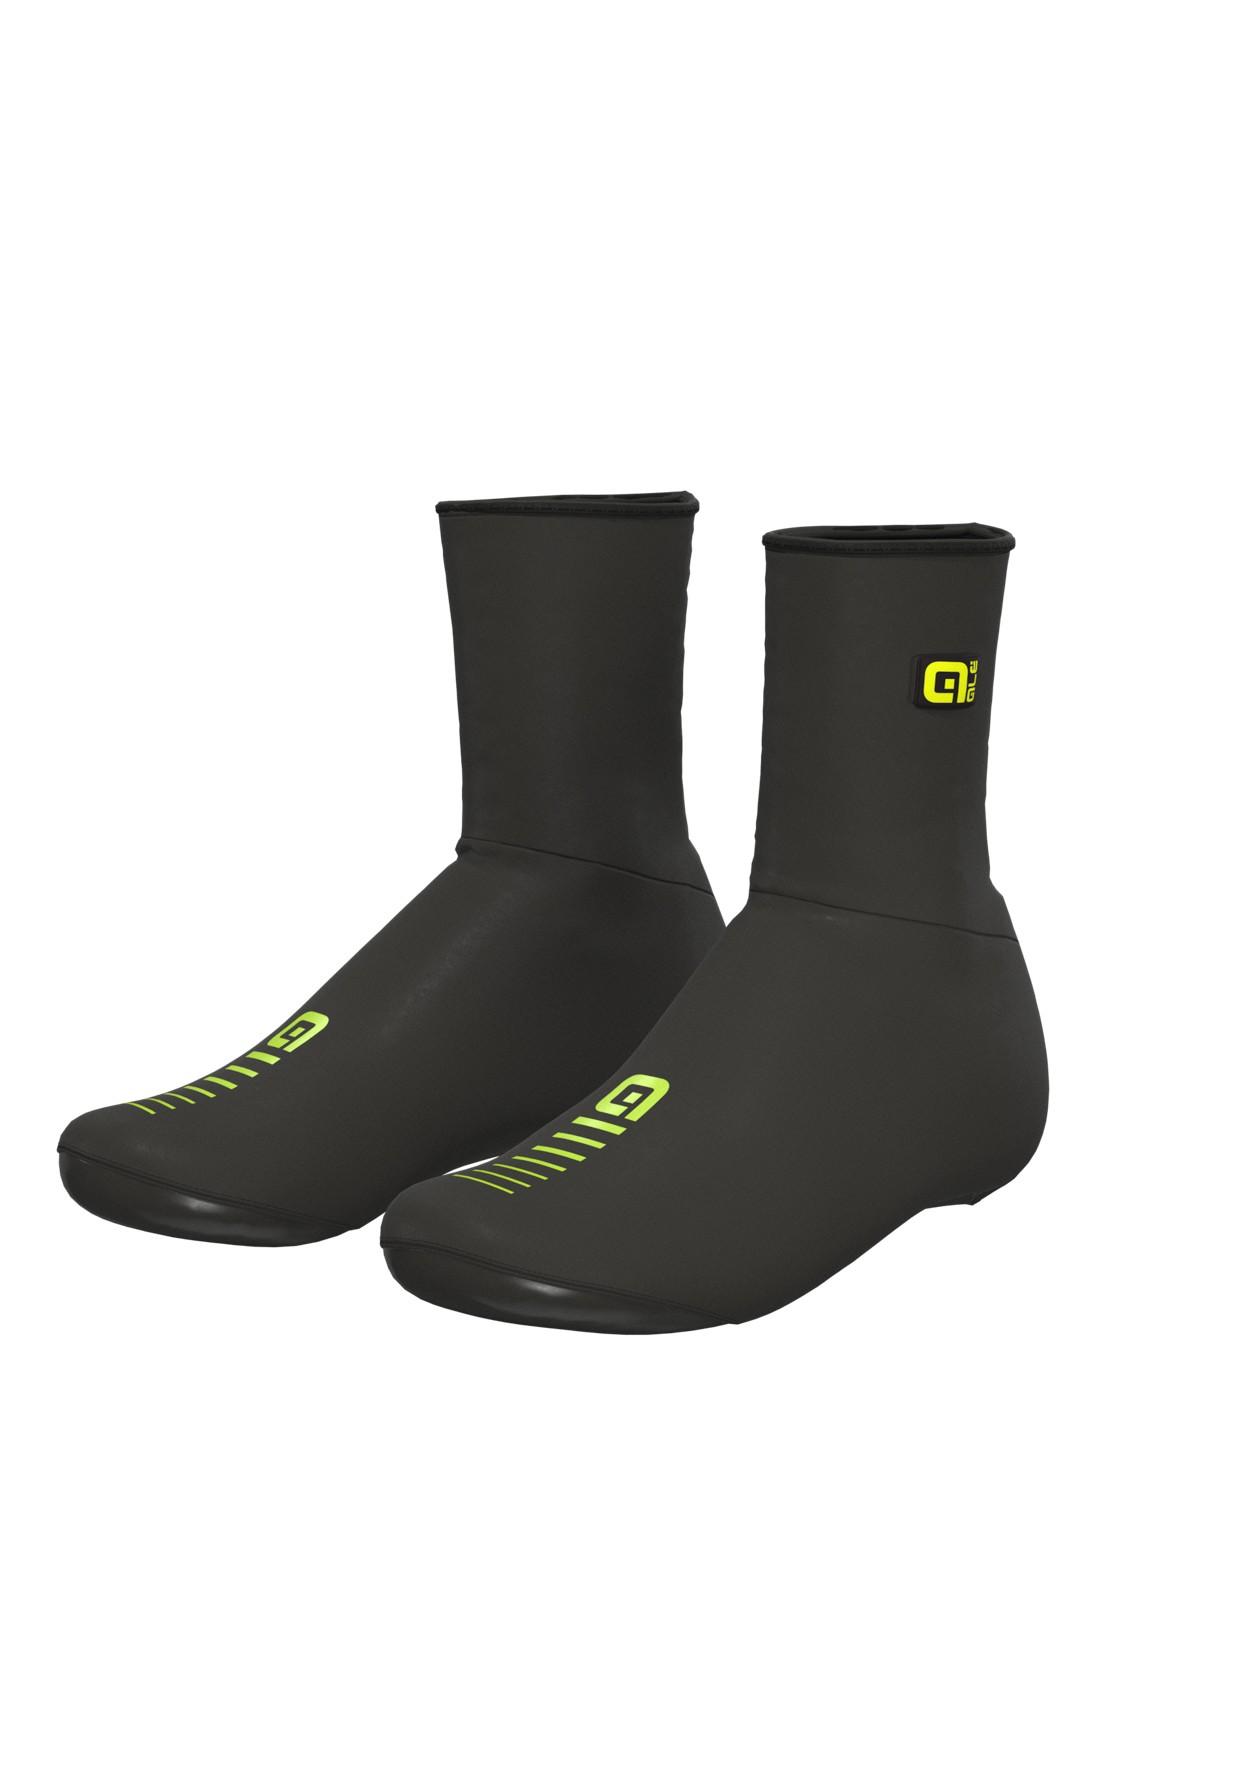 Ochraniacze na buty Alé Cycling Rain Water-resistant